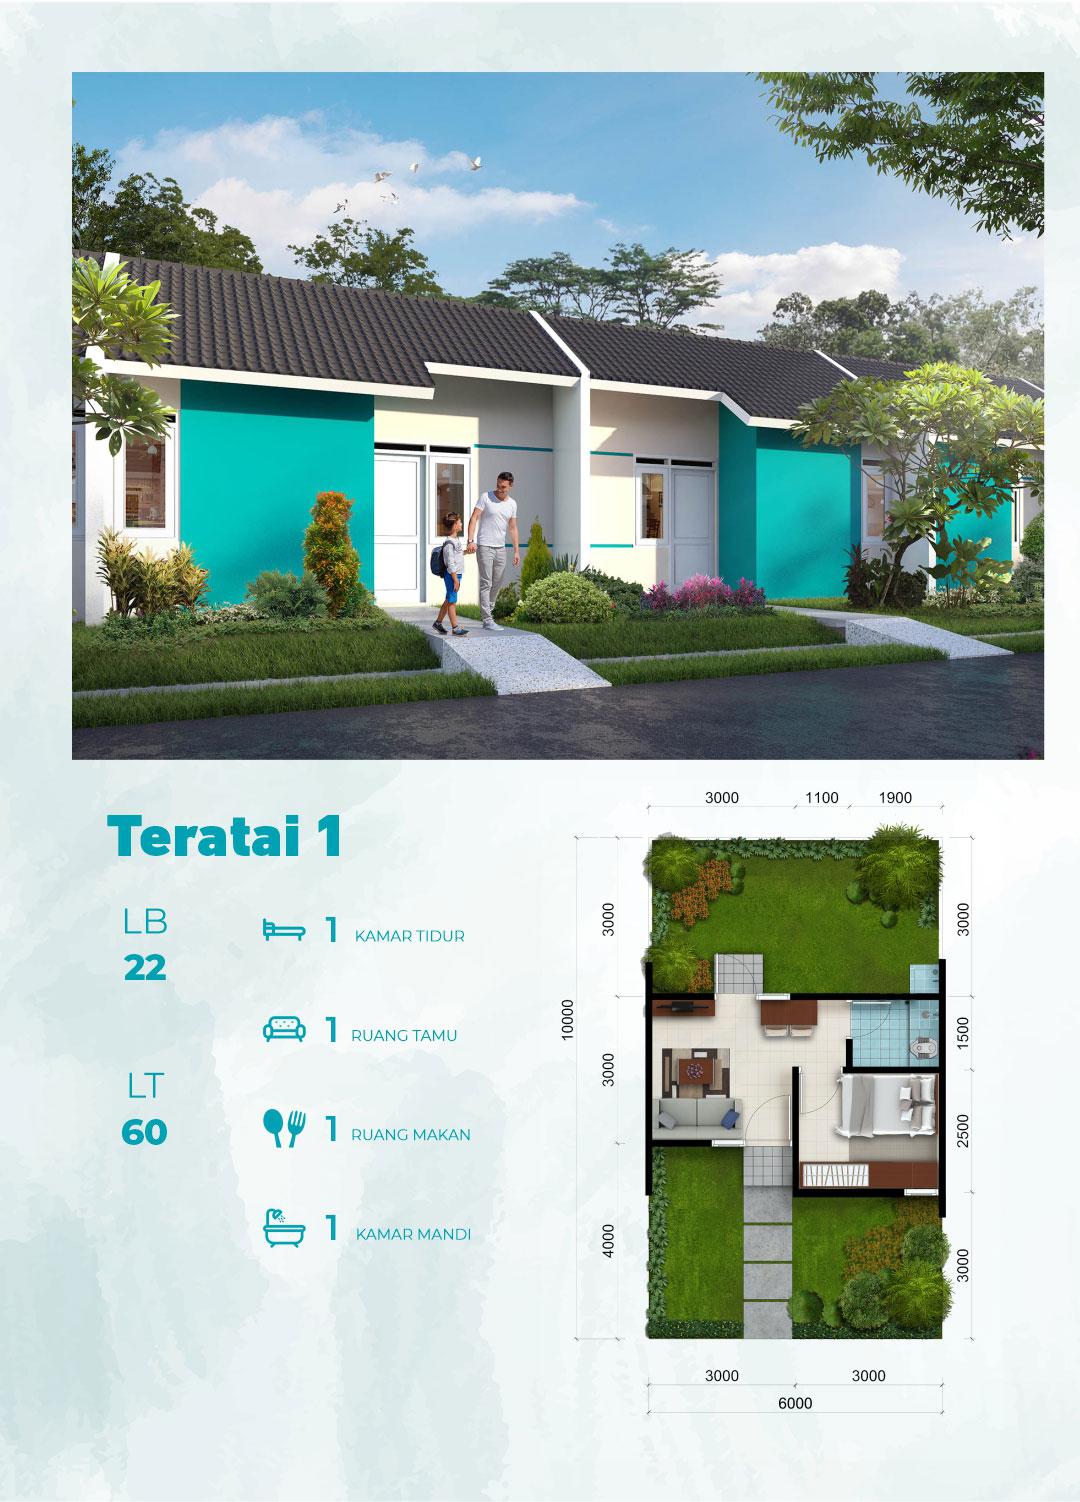 teratai 1